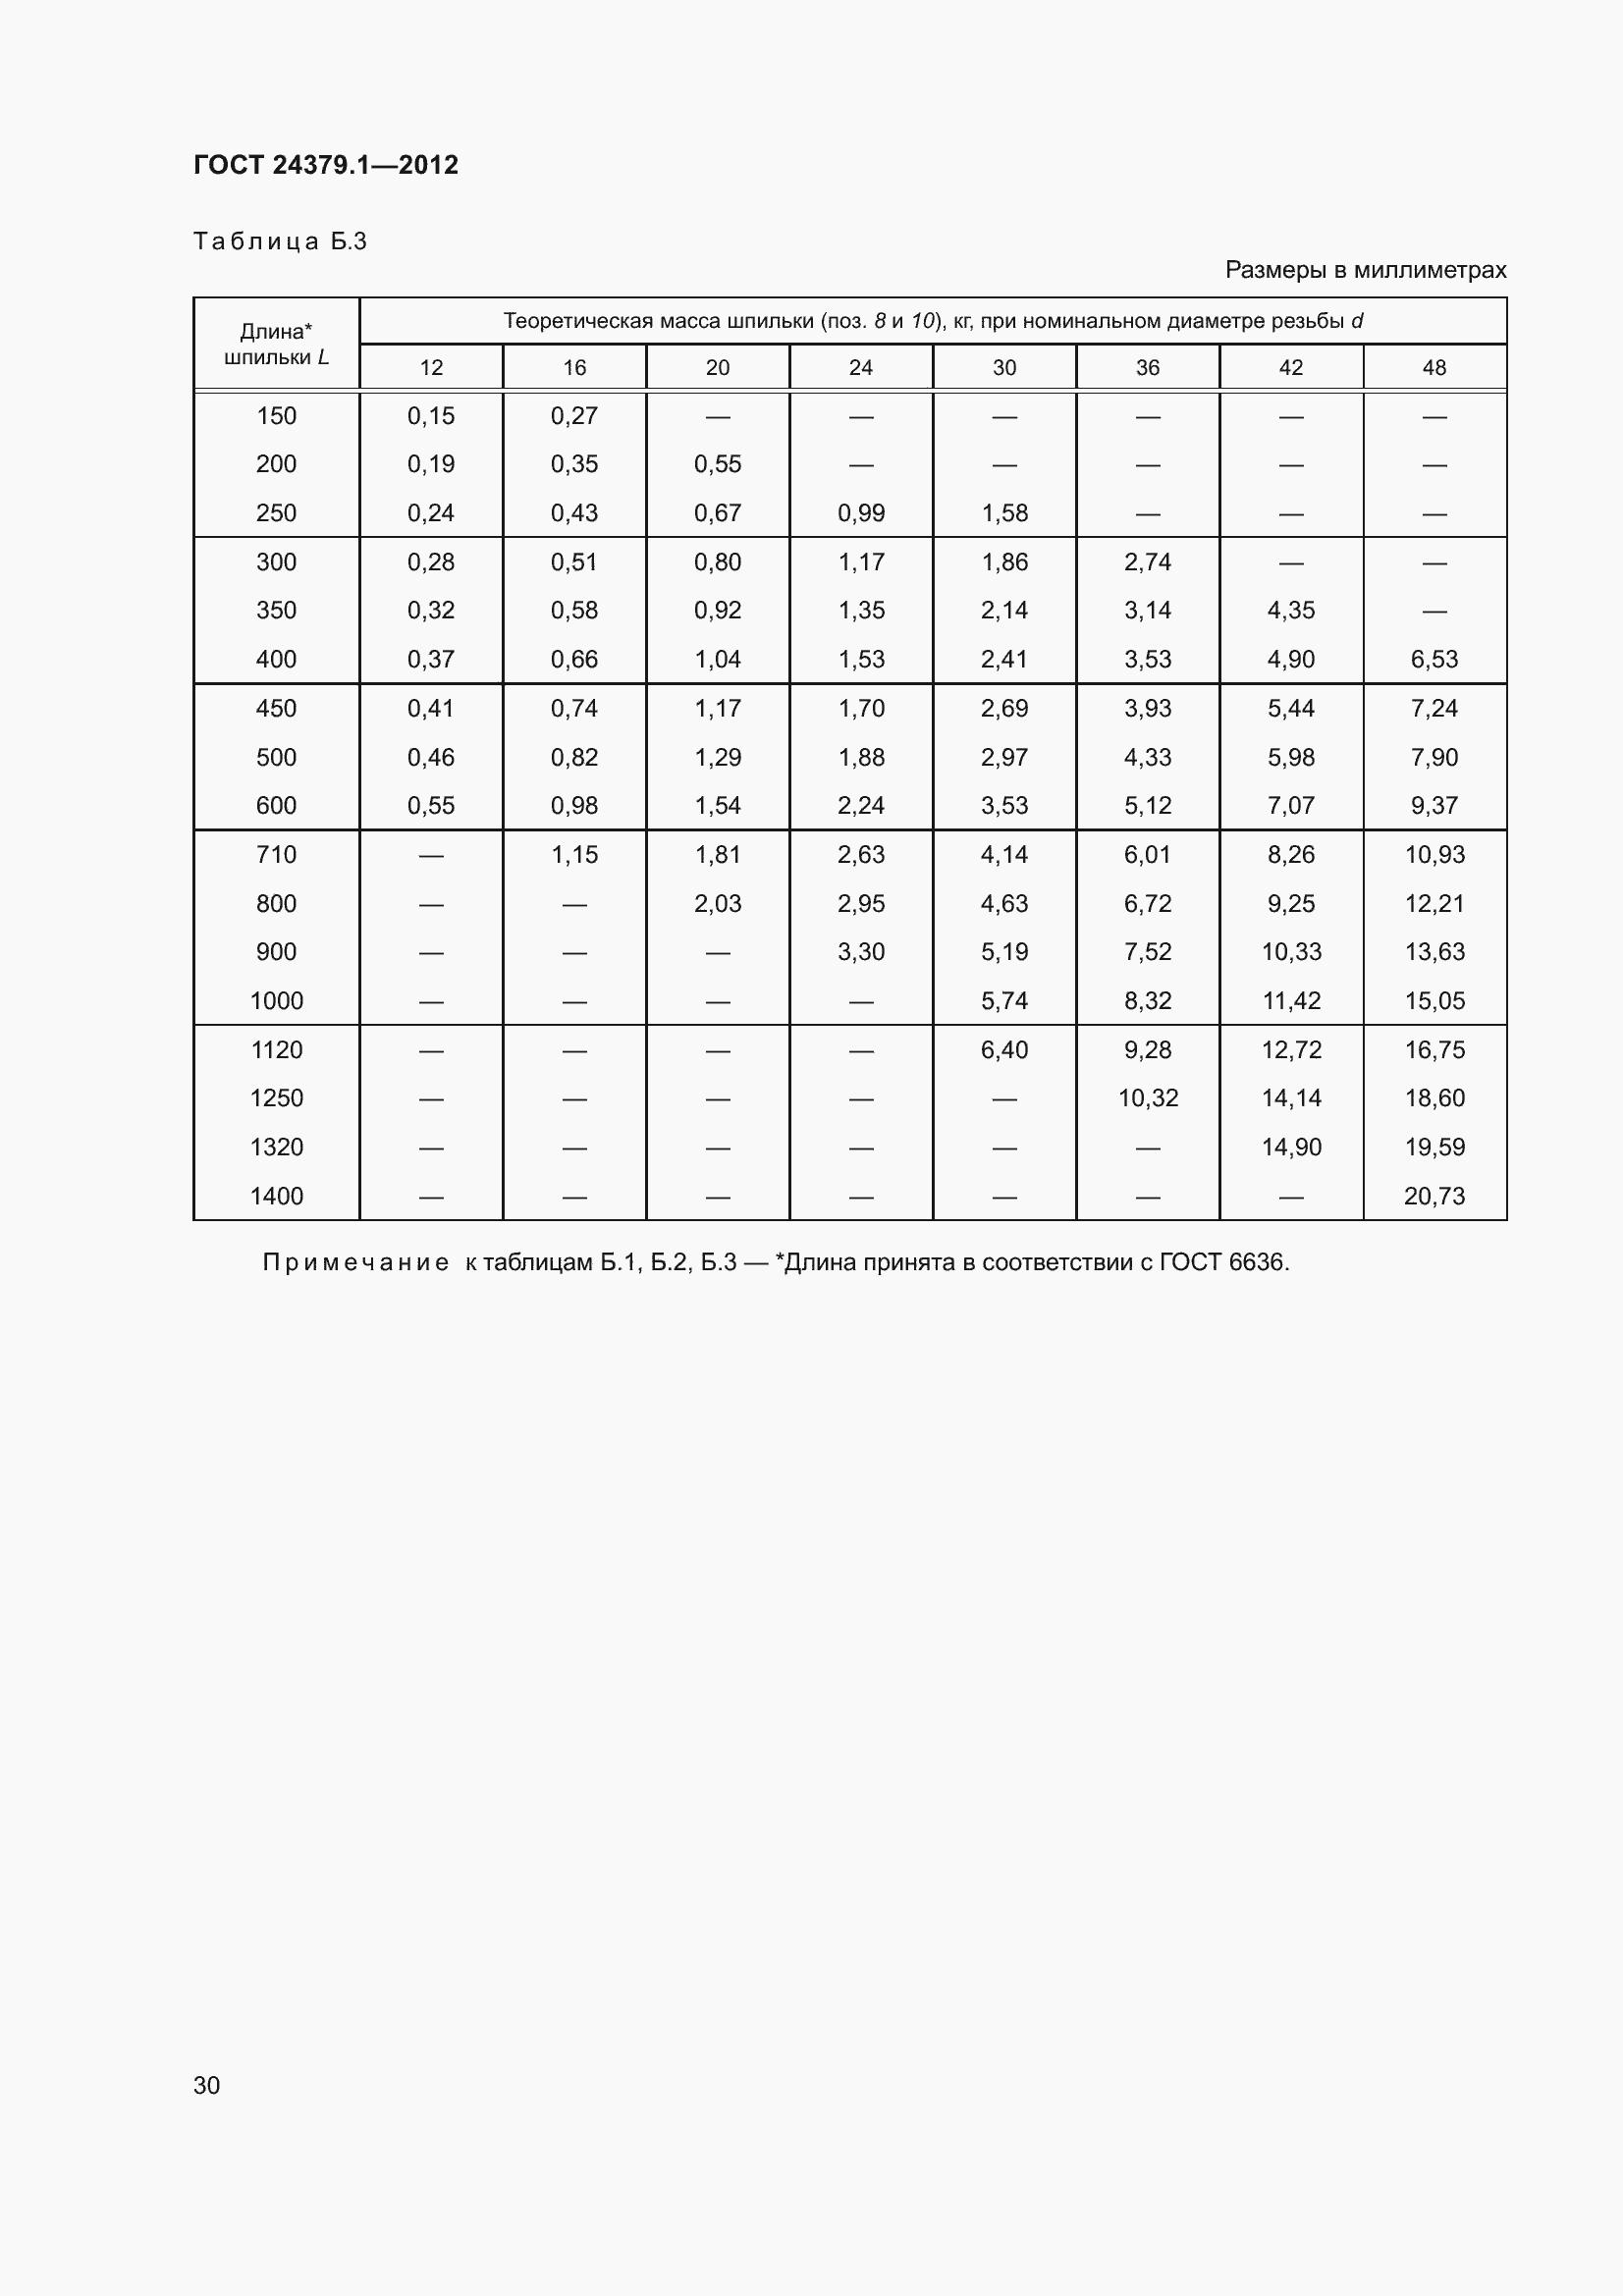 ГОСТ 24379.1-2012. Страница 36